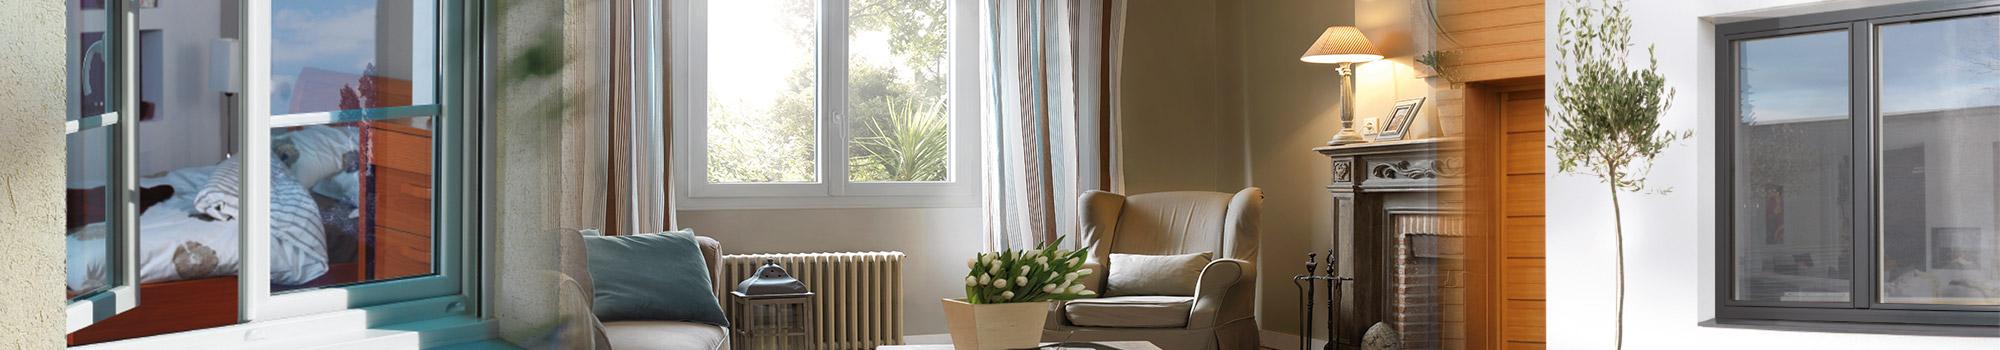 pose de fen tres et baies vitr es artigues pr s bordeaux 33 amf. Black Bedroom Furniture Sets. Home Design Ideas